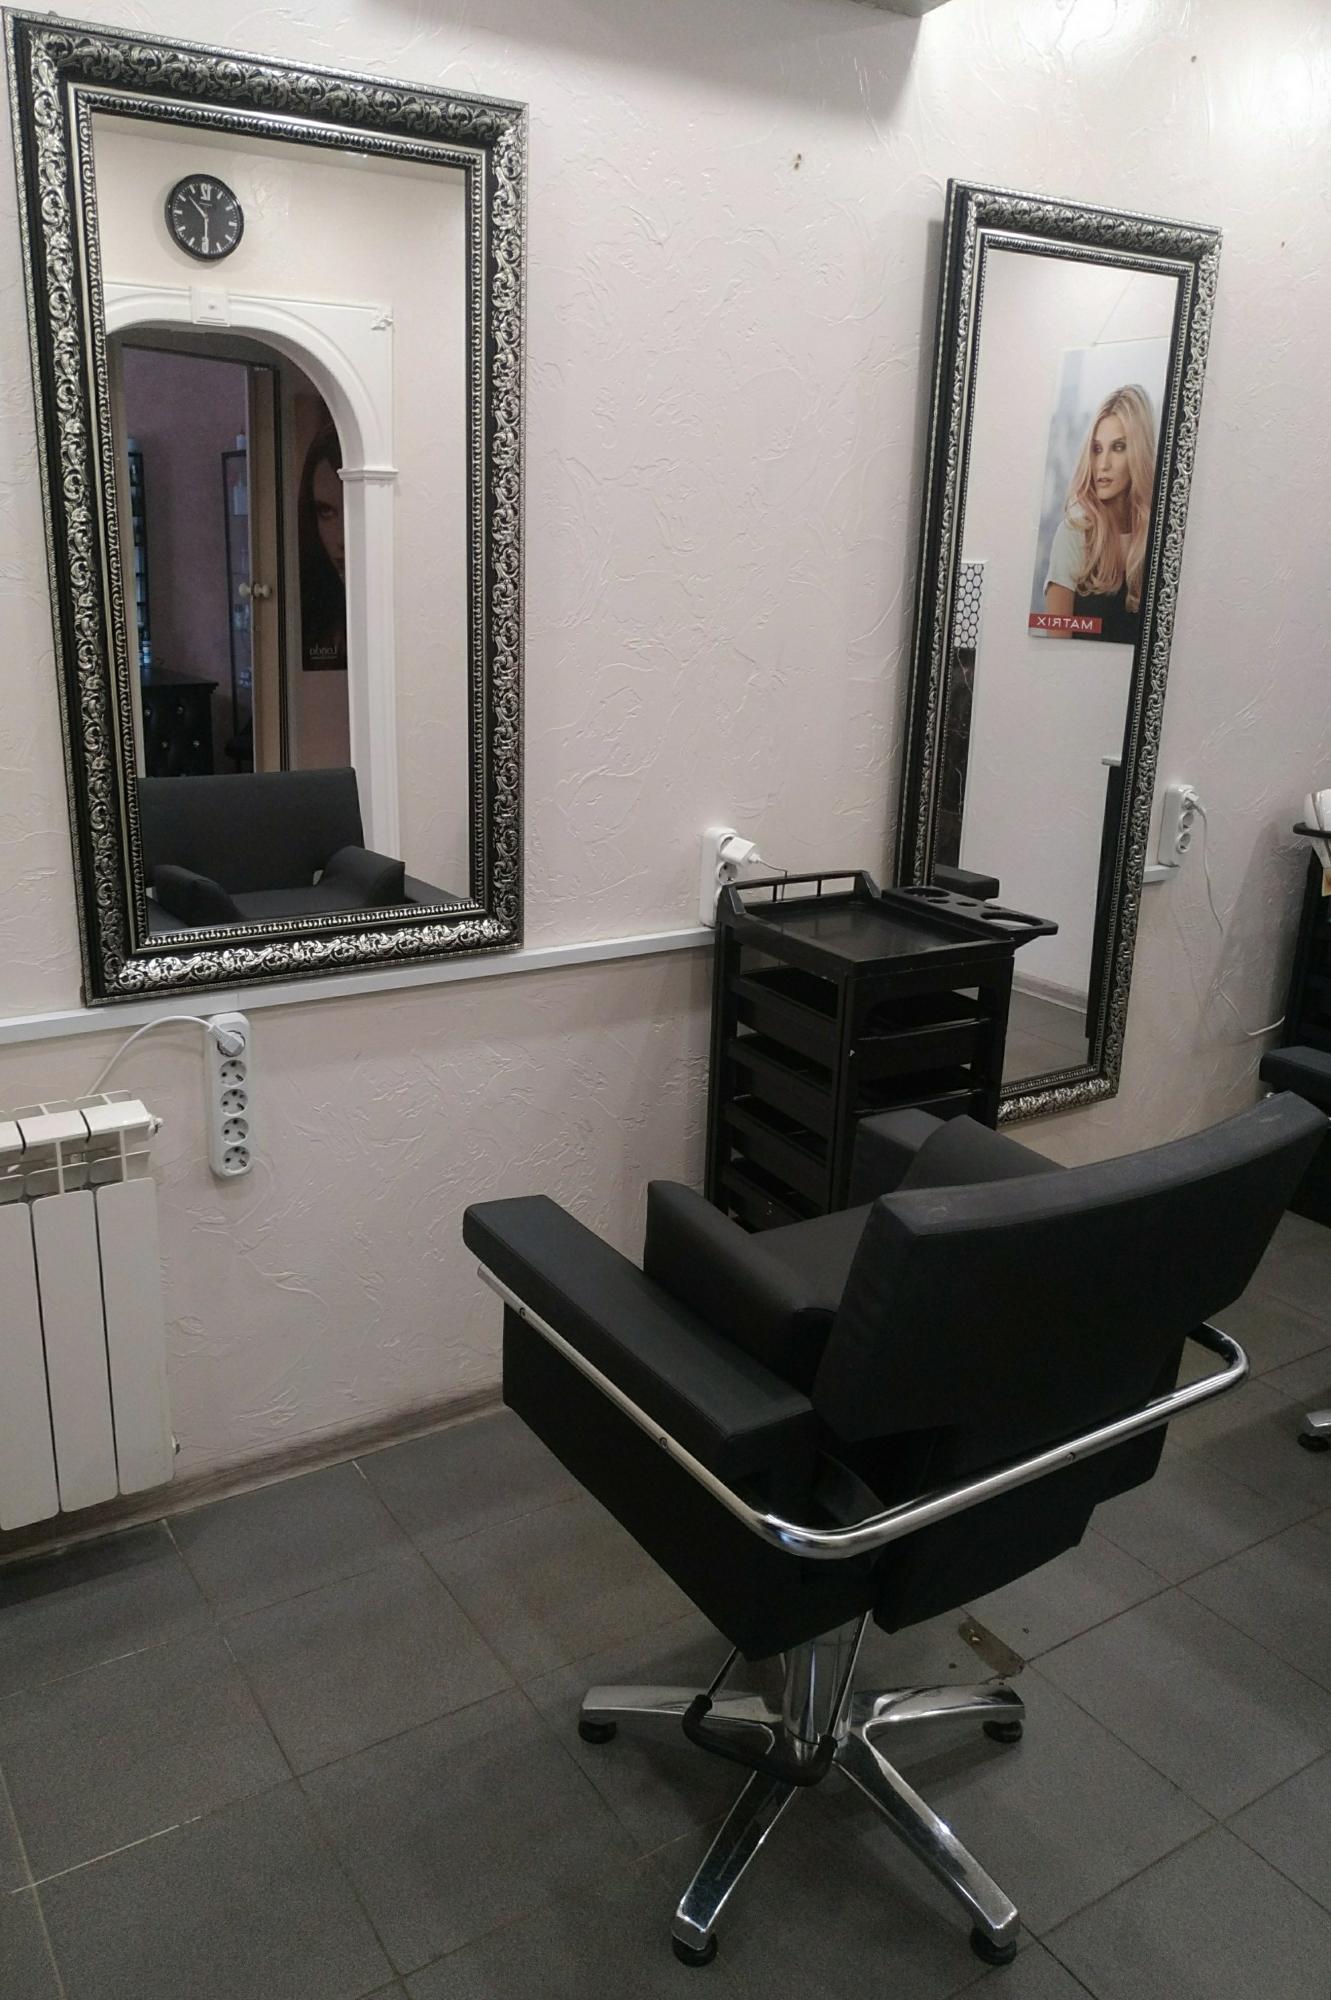 Heute Friseur-Sessel in Moskau 89680260128 kaufen 1